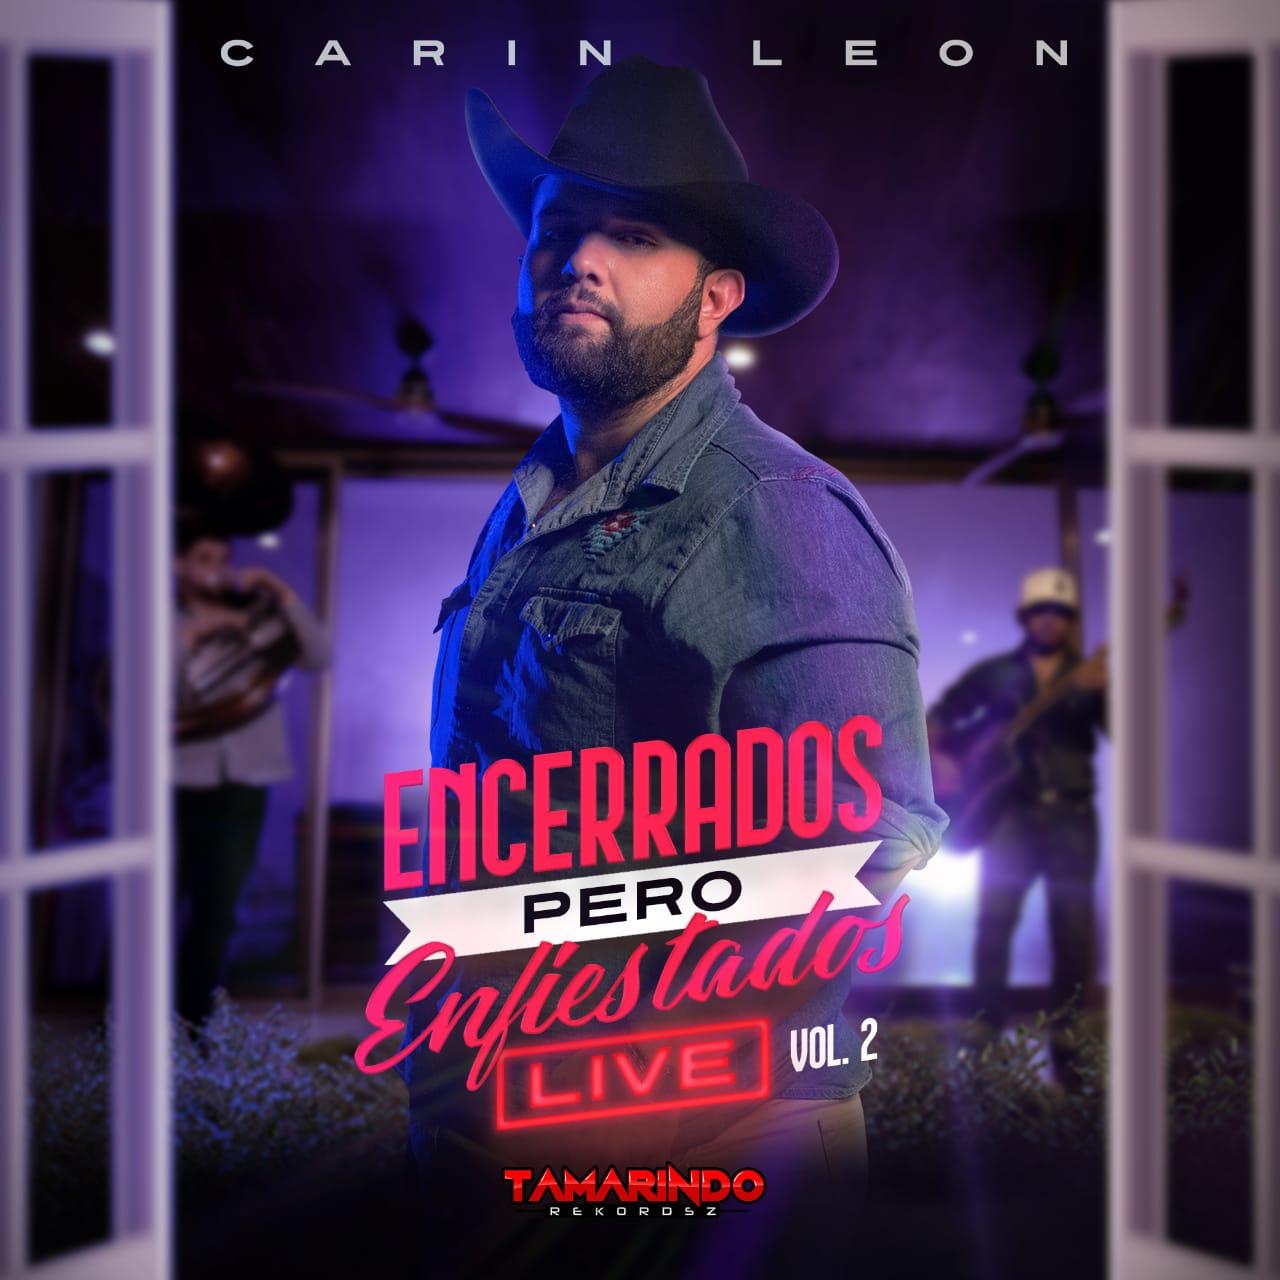 Carin León estrena el volumen 2 de su exitoso álbum 'Encerrados pero enfiestados'